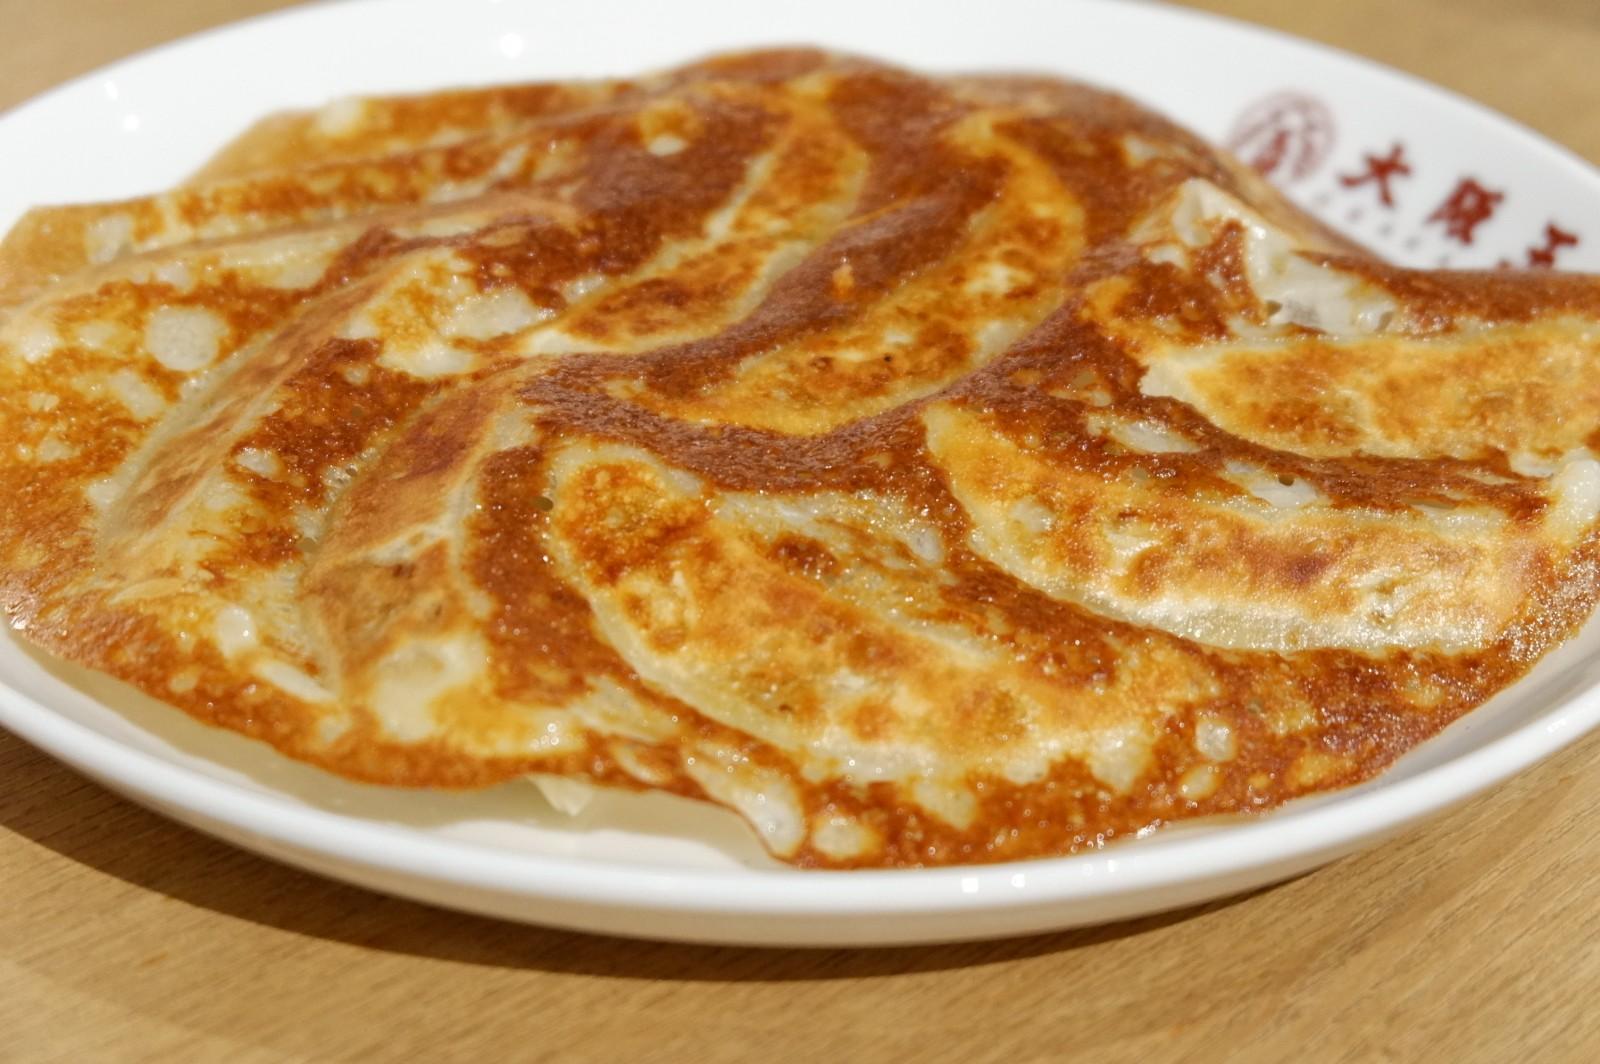 「大阪王将 羽根つきチーズGYOZA」が『フタいらず』に! 「羽根つき餃子」は36個入パーティパックも